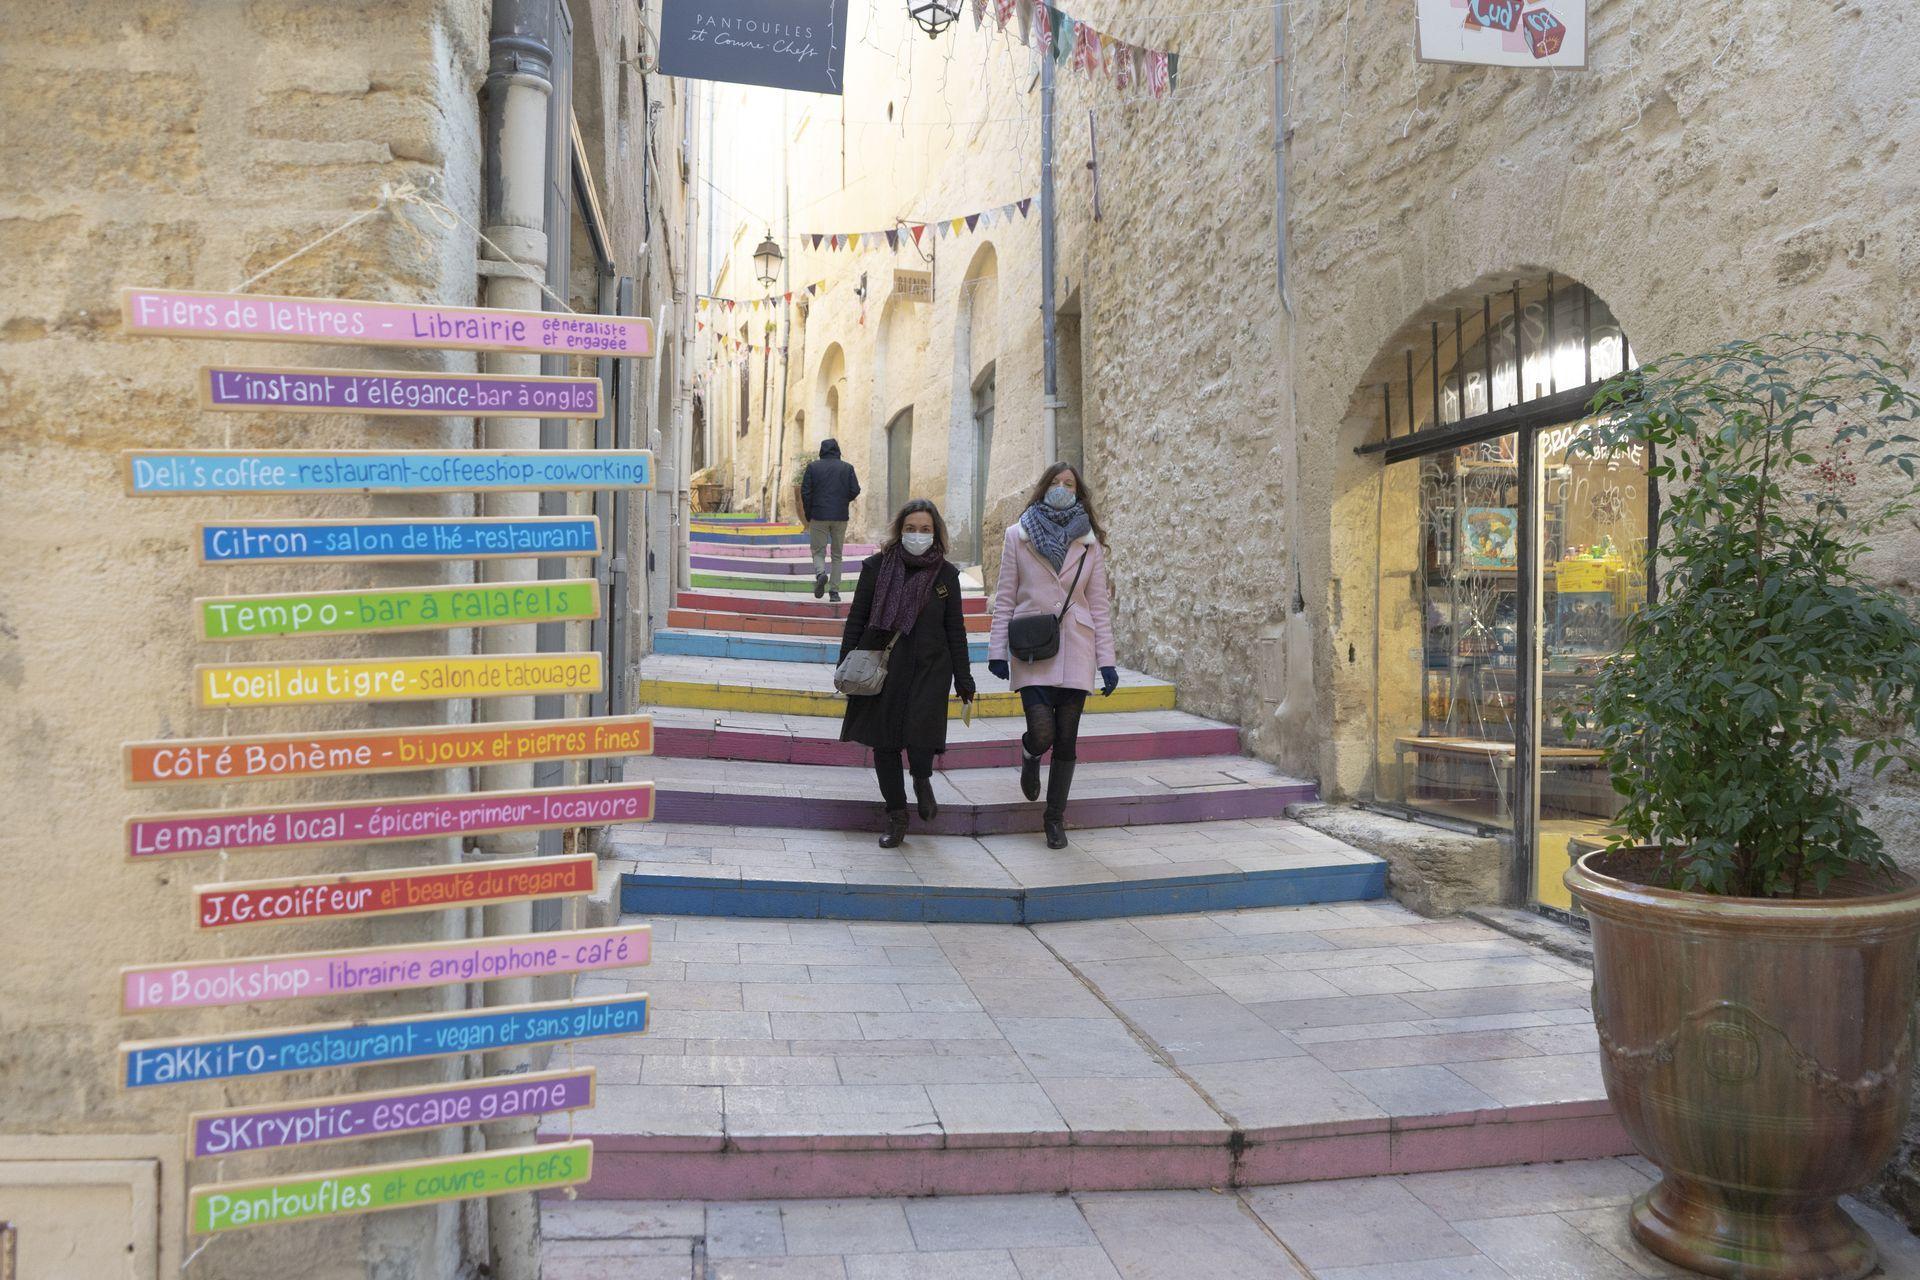 Balade et shopping dans les ruelles de l'Ecusson © Montpellier3m